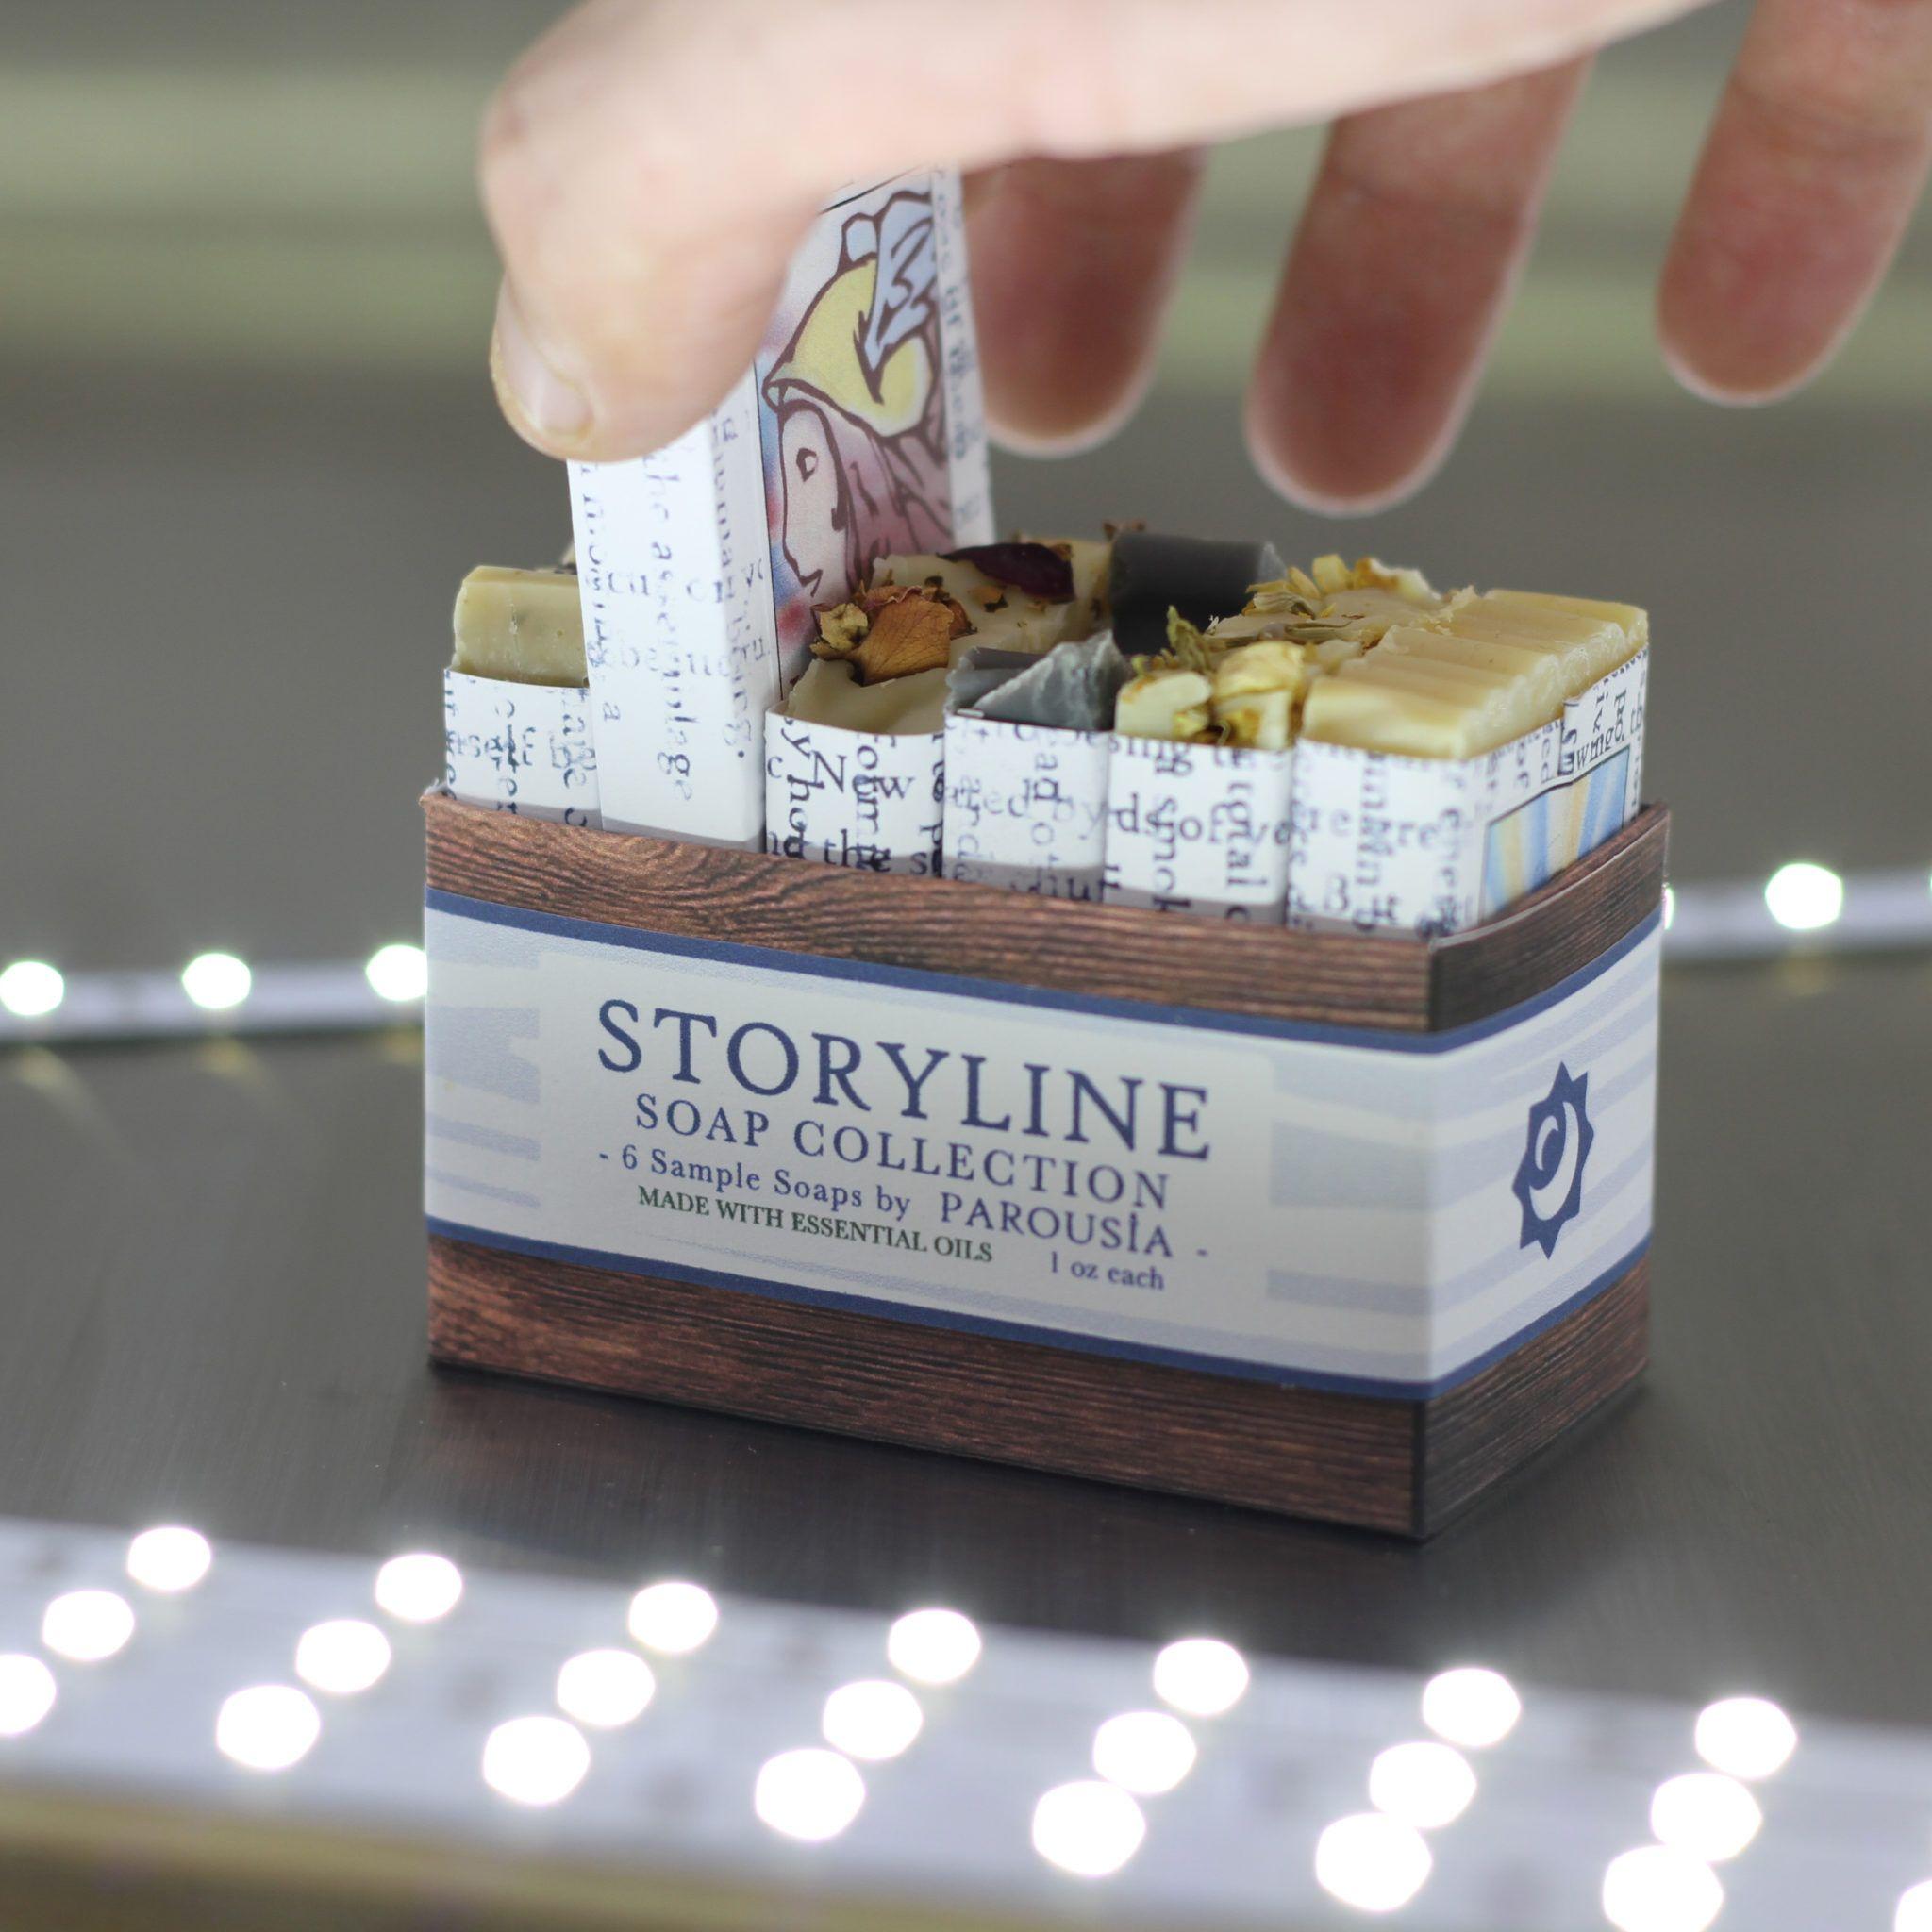 Storyline Artisan Soap Sampler #soappackaging